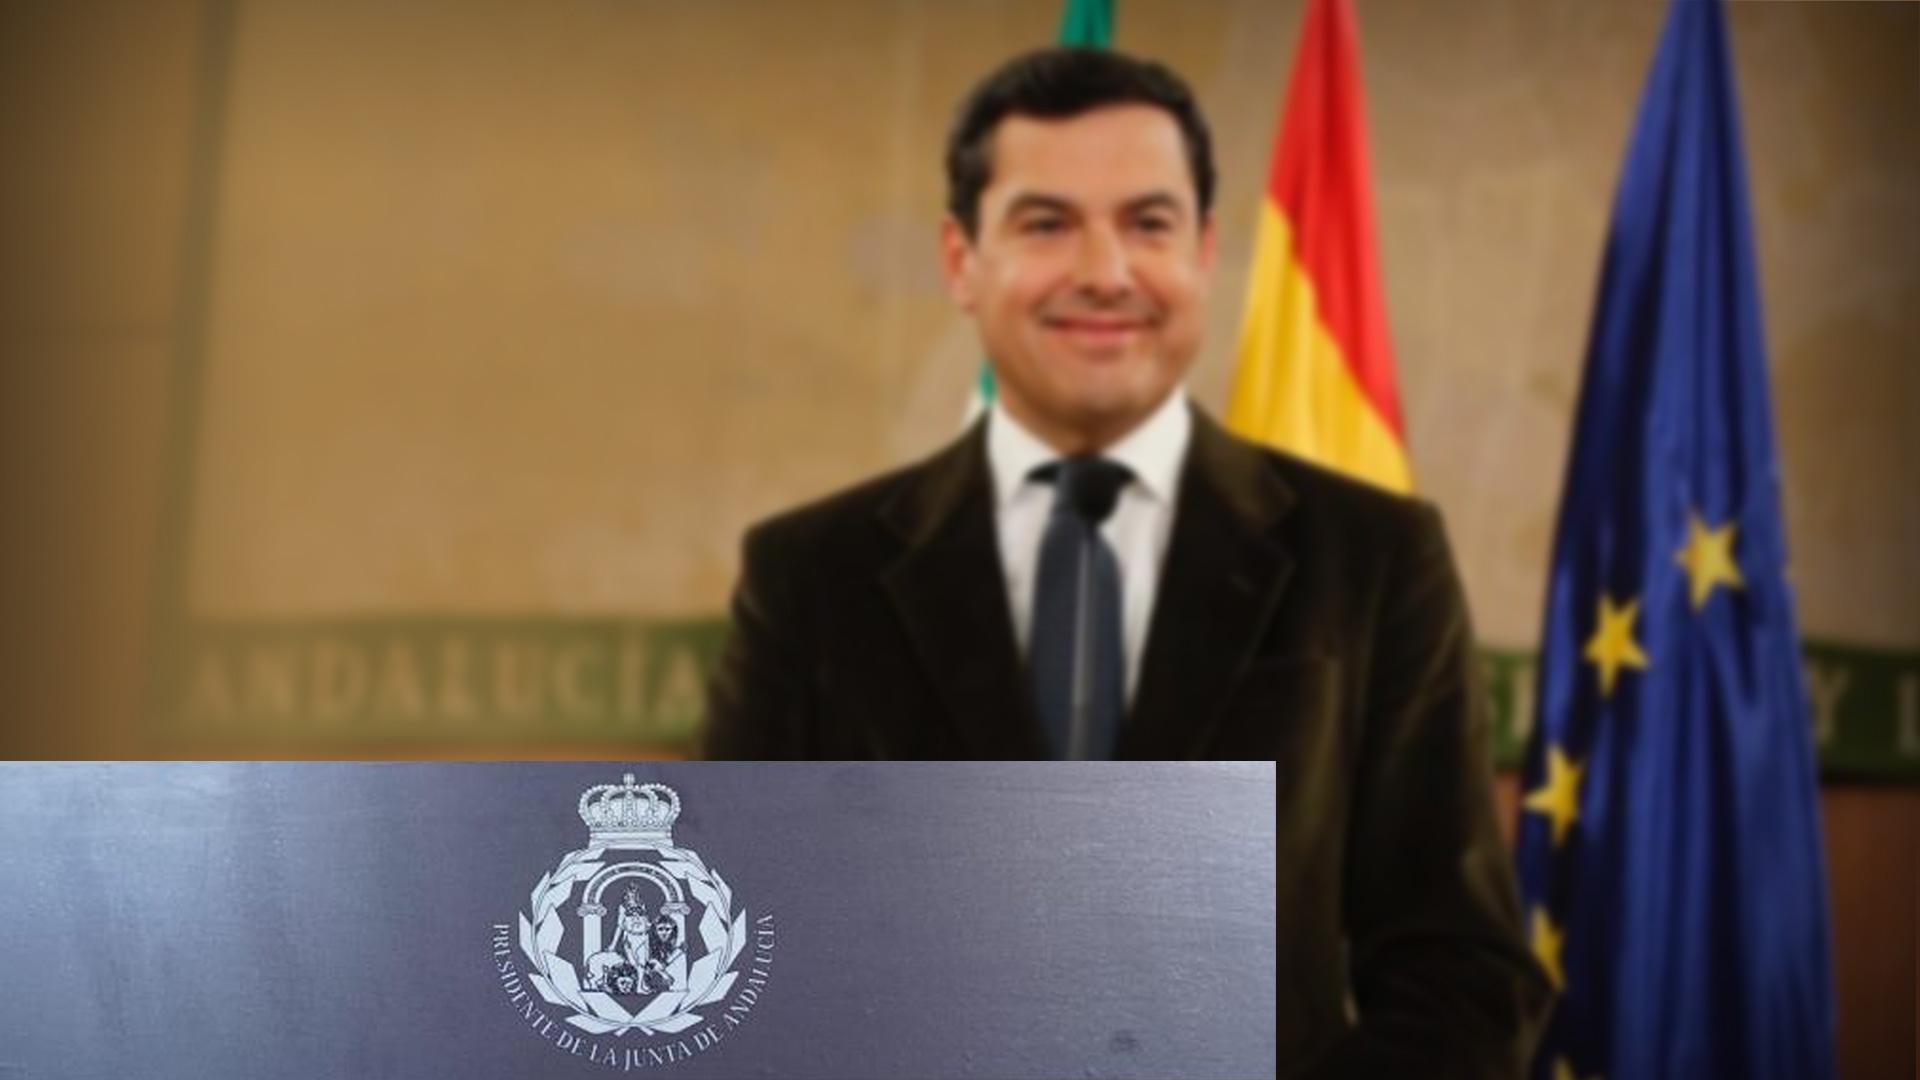 Moreno Bonilla y el principio de Peter